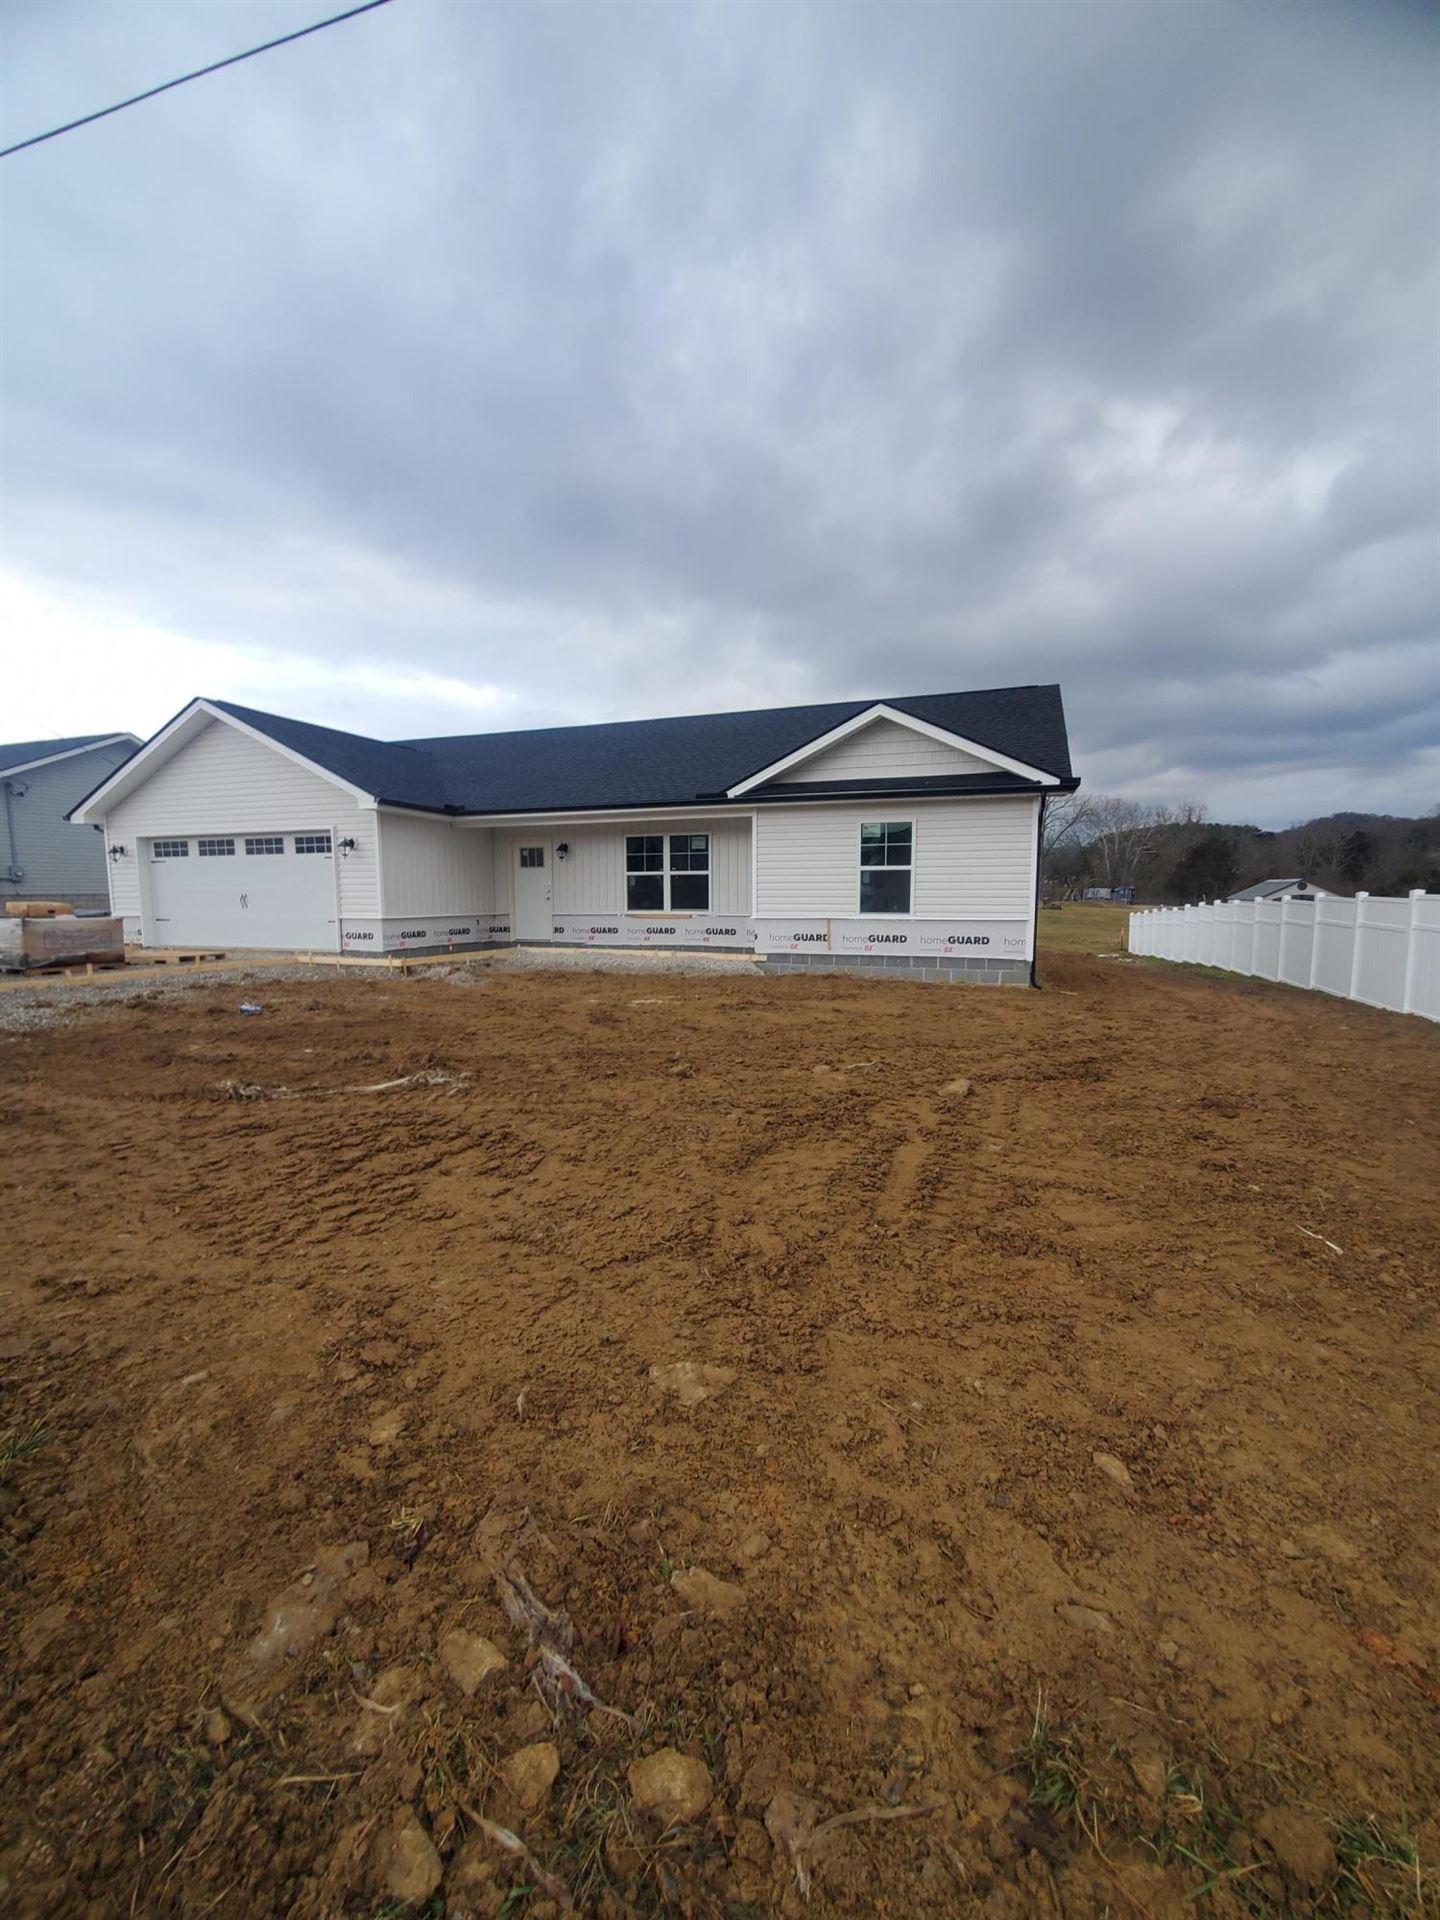 Photo of 170 Judys Lane, Maynardville, TN 37807 (MLS # 1134777)